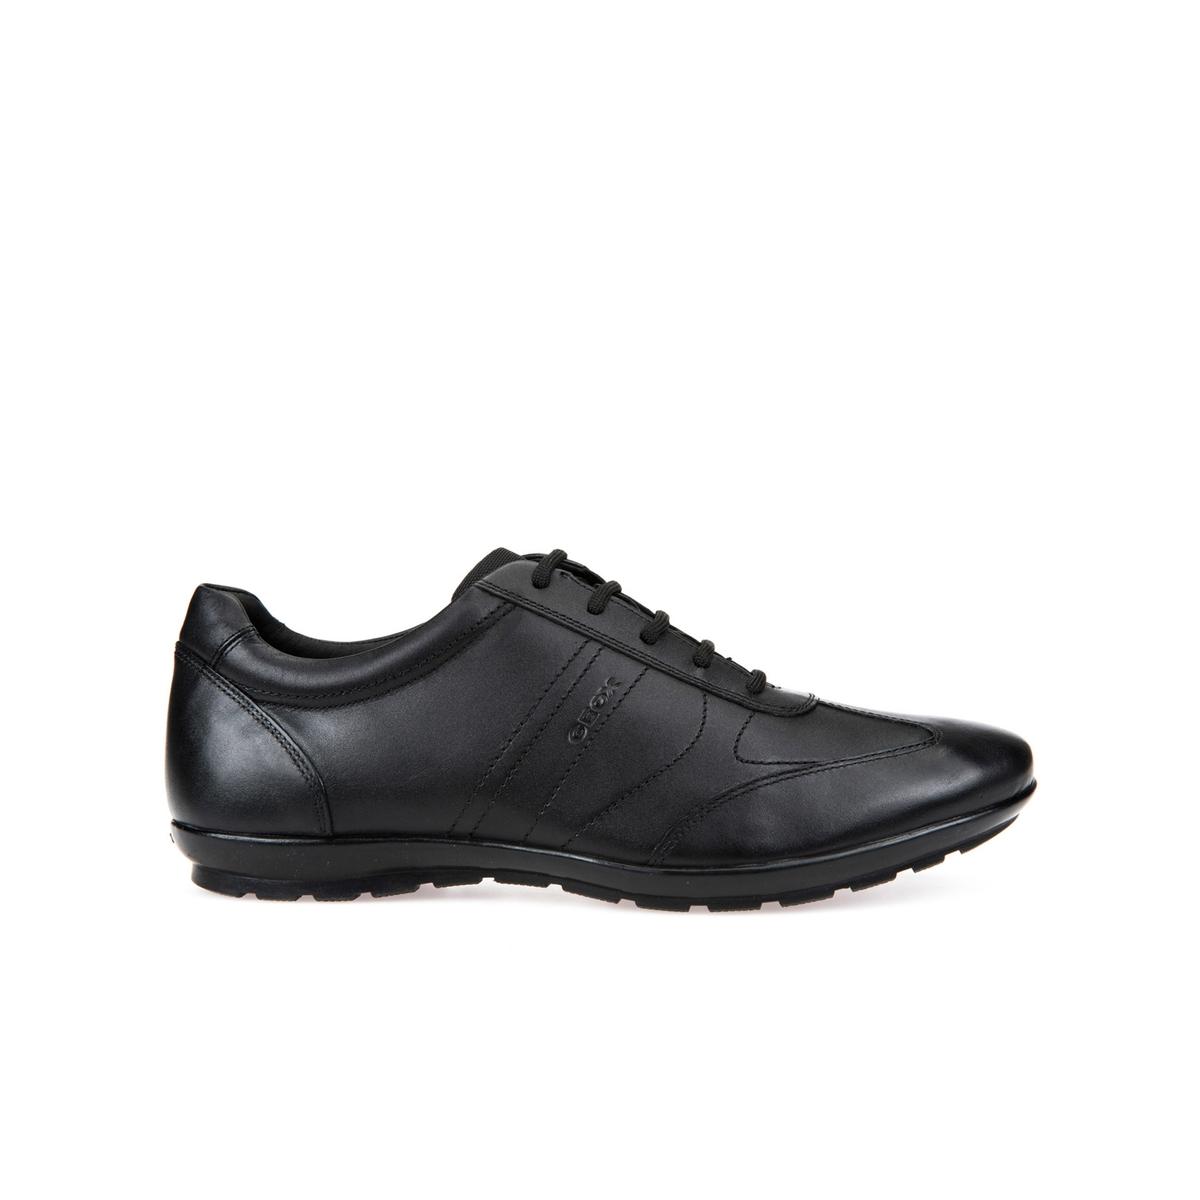 Кеды SYMBOLДетали  •  Спортивный стиль •  Плоский каблук •  Застежка : шнуровкаСостав и уход  •  Верх 95% кожи, 5% полиамида •  Подкладка 50% кожи, 50% синтетического материала<br><br>Цвет: черный